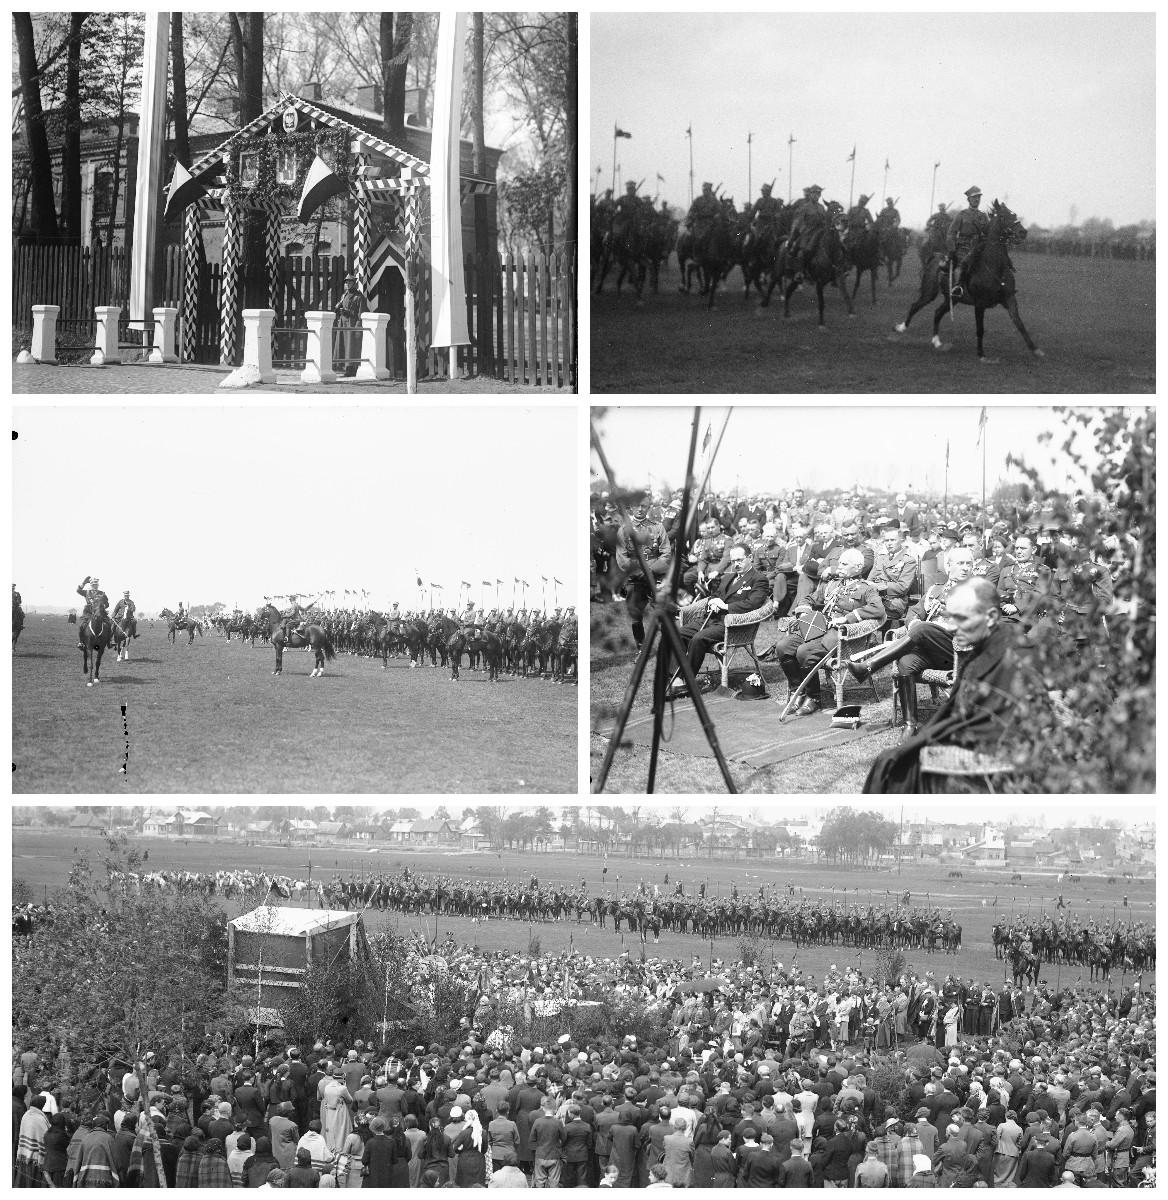 Święto 1. Pułku Strzelców Konnych - 1937 rok.